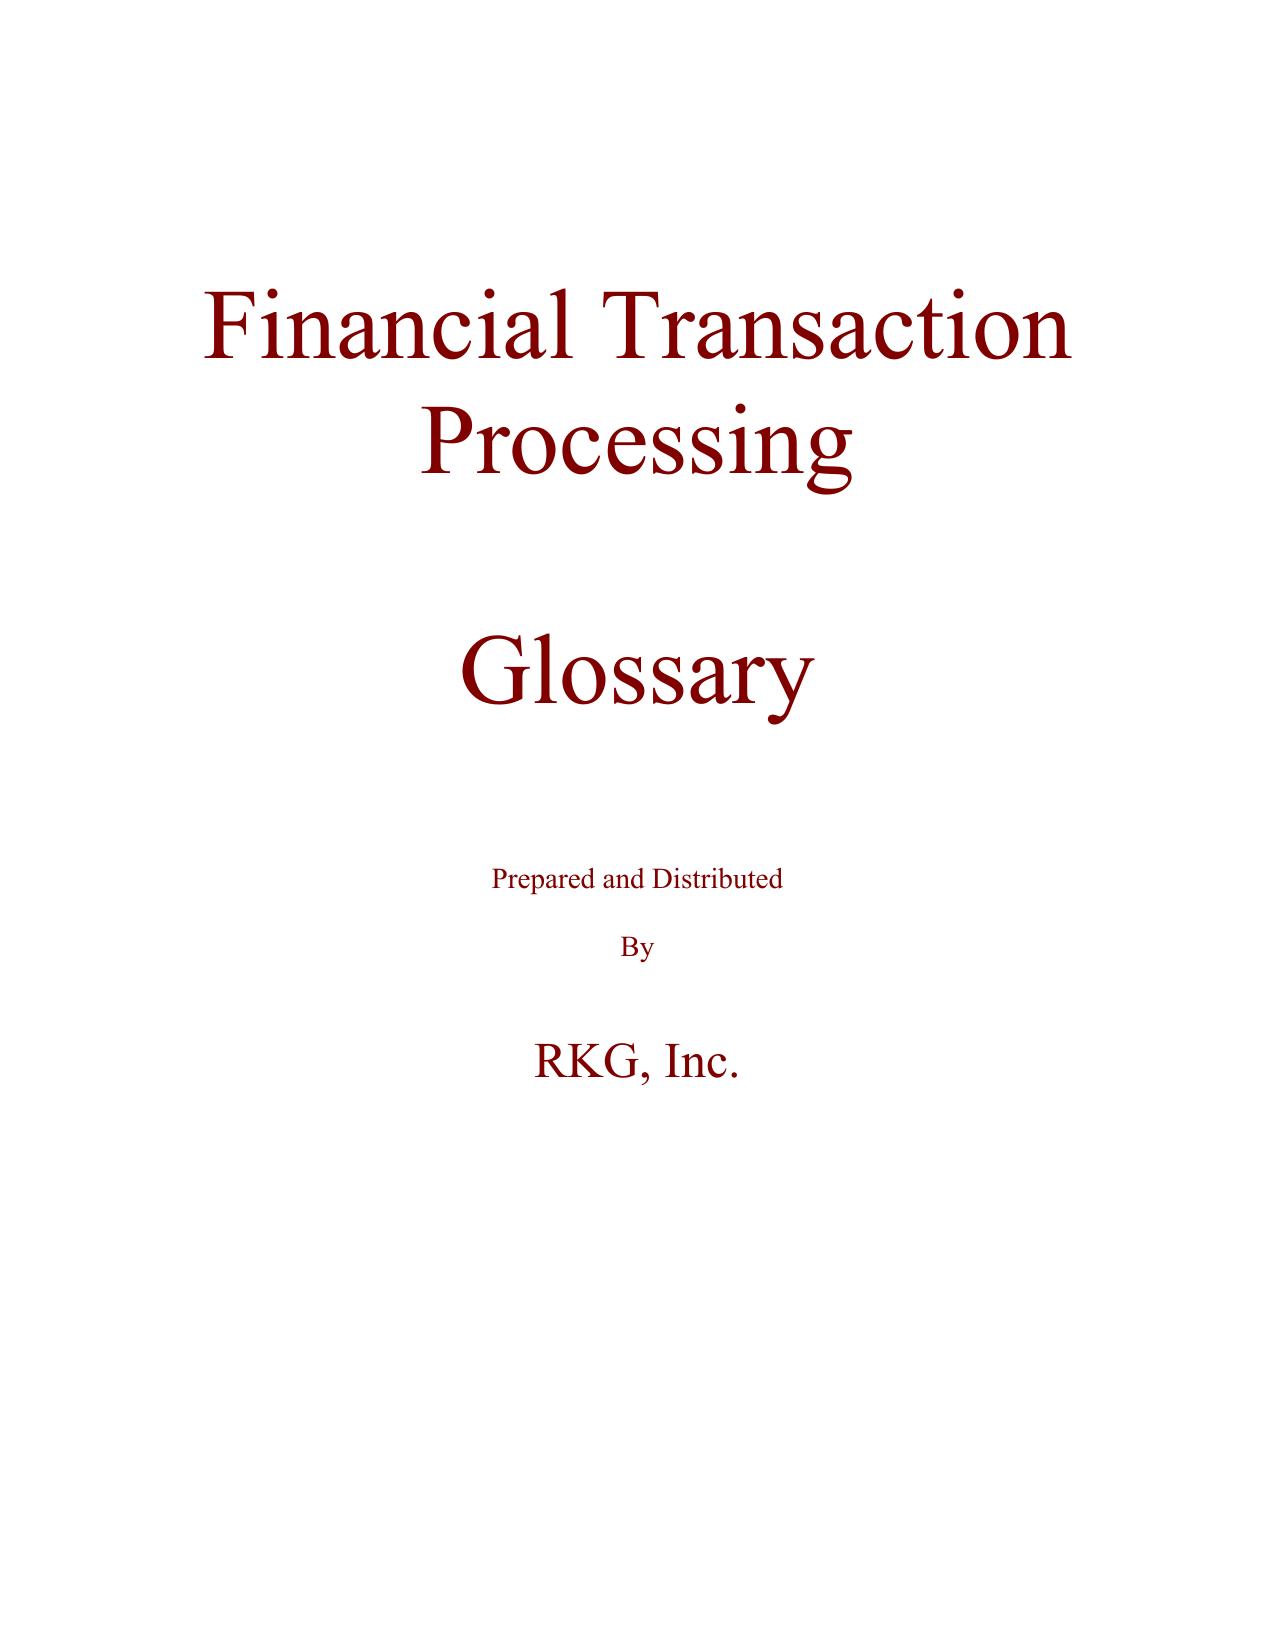 Financial Transaction Processing Glossary | manualzz com